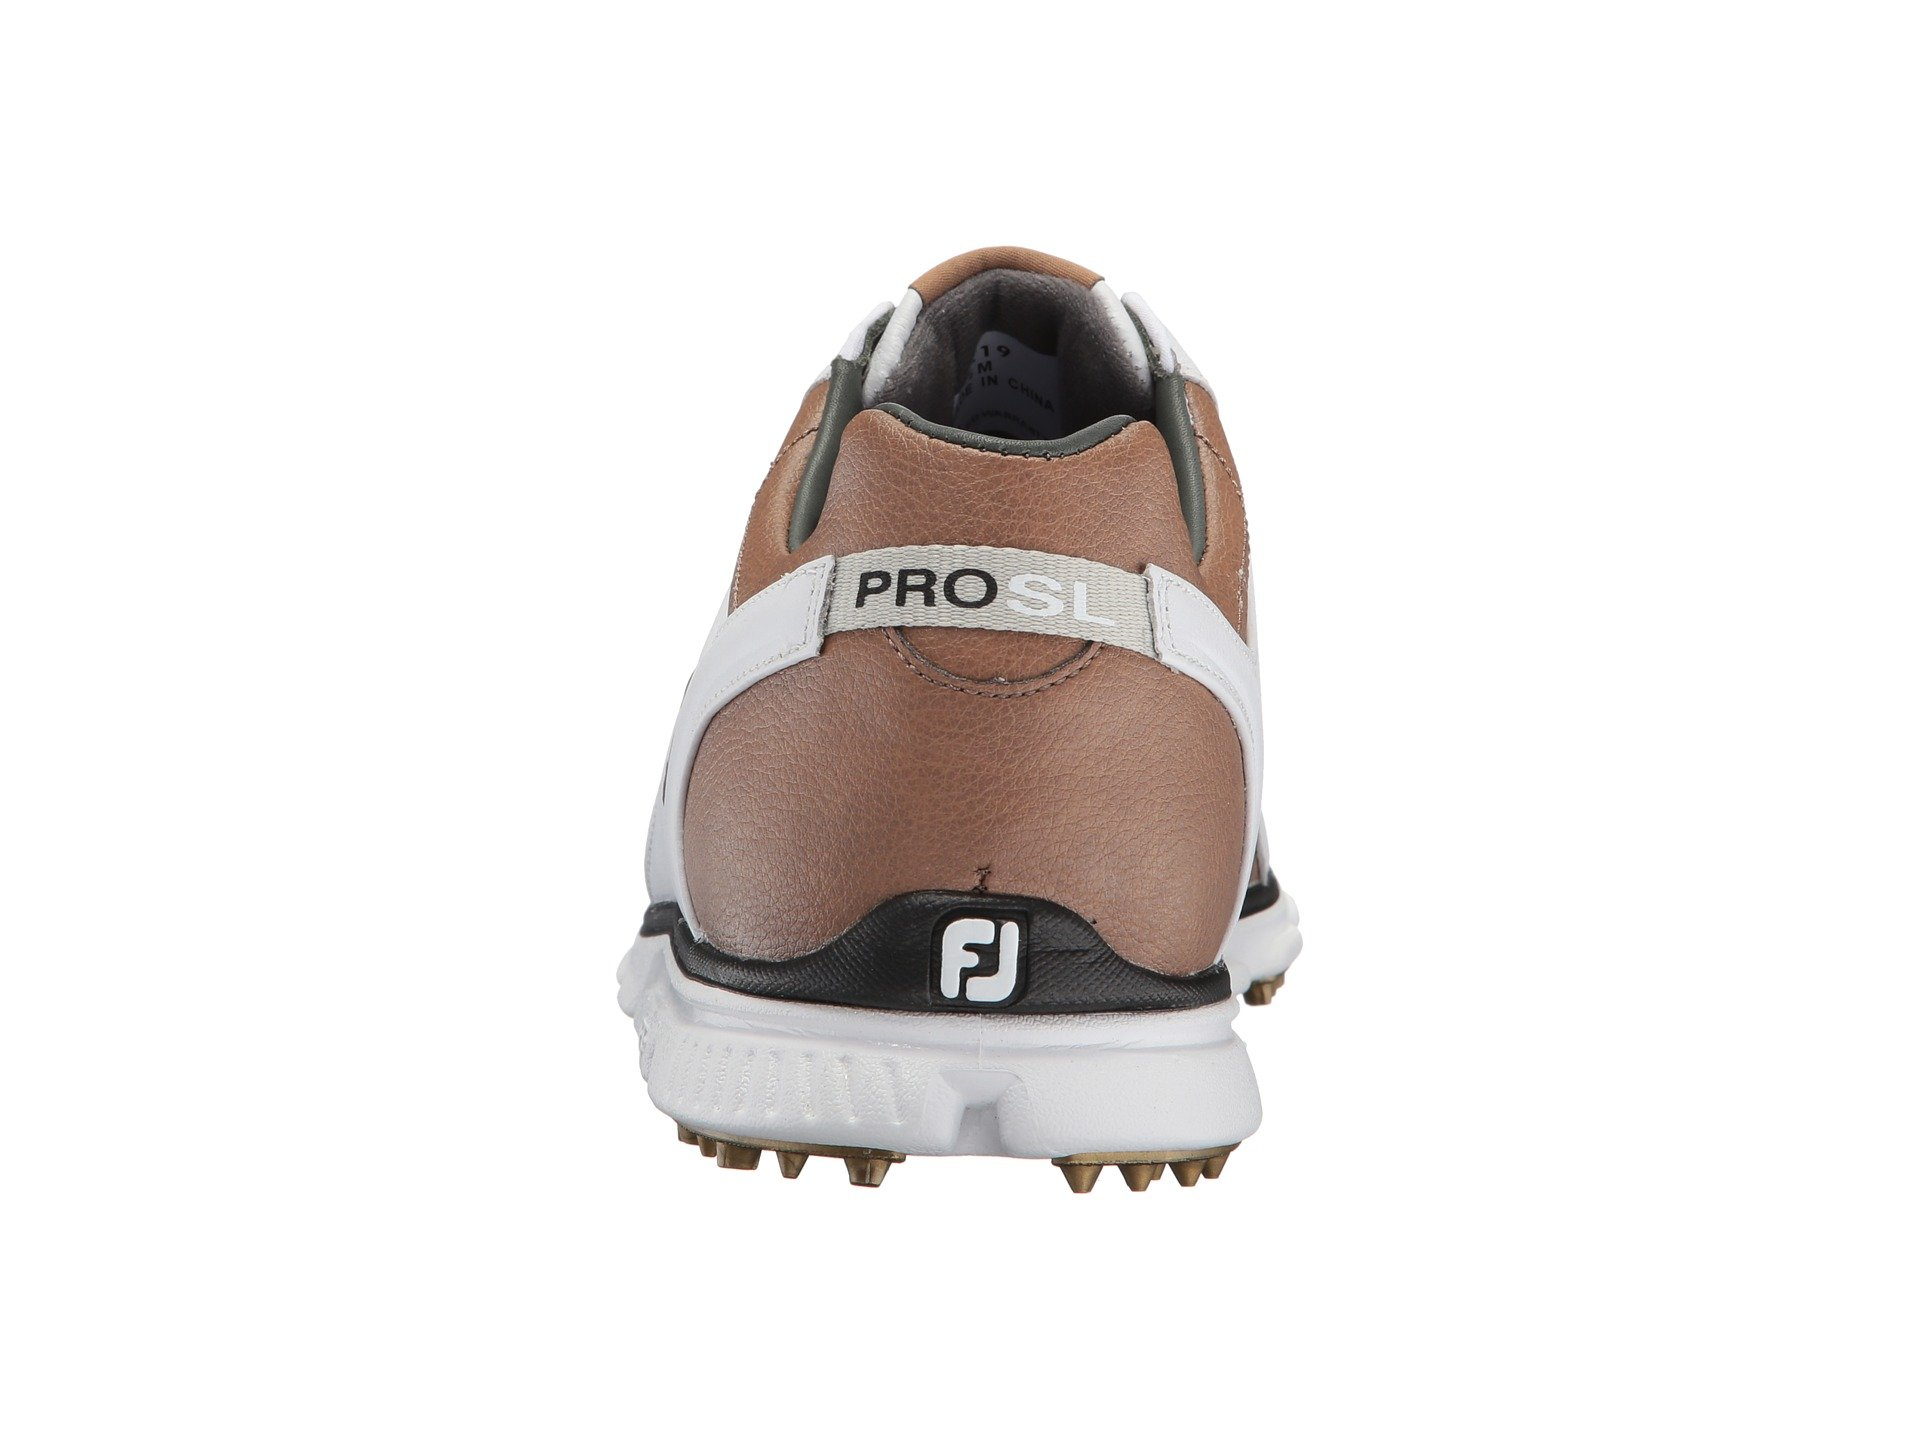 footjoy pro sl size guide